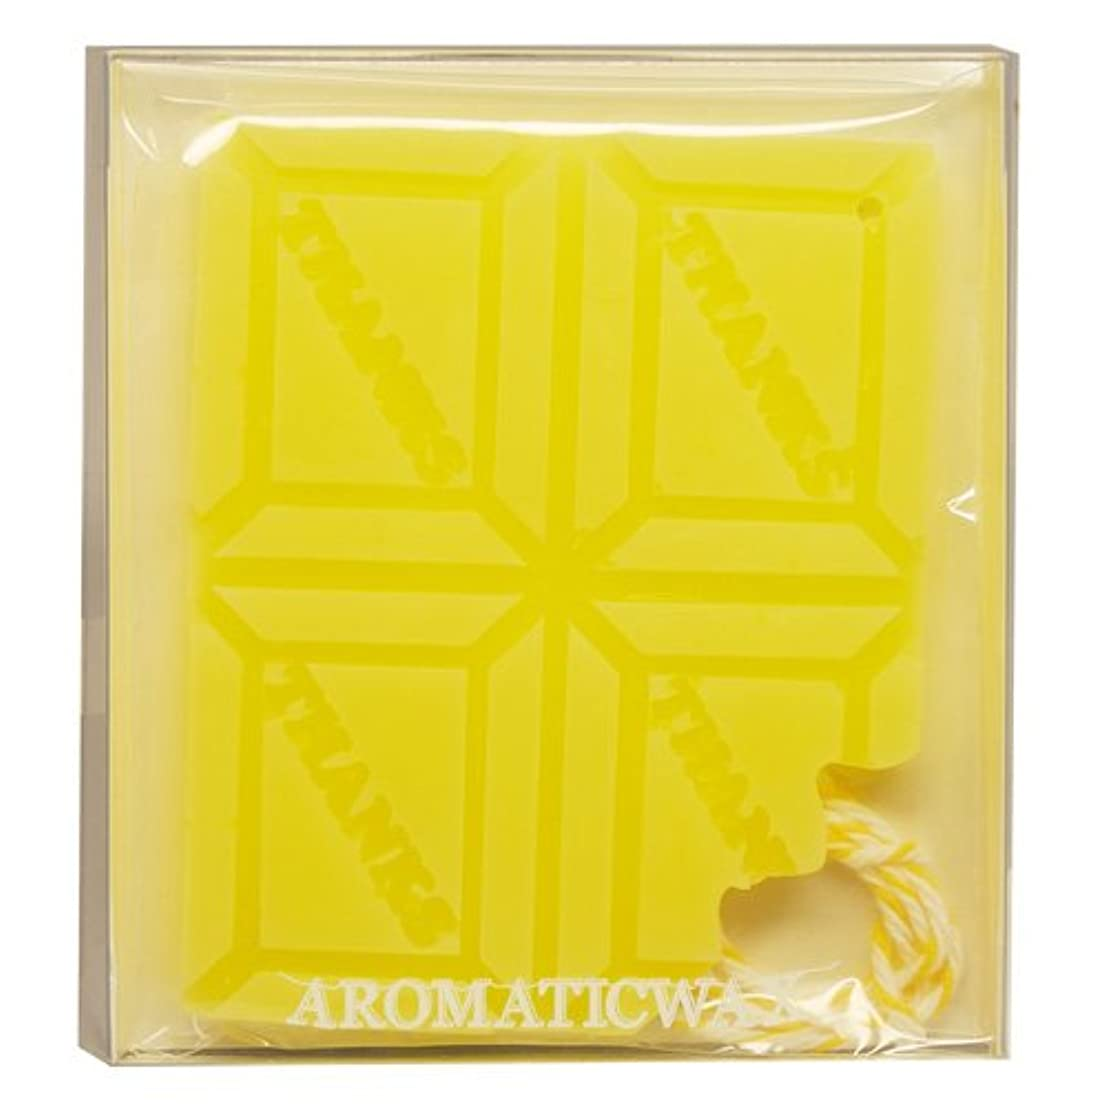 見習い国旗スラックGRASSE TOKYO AROMATICWAXチャーム「板チョコ(THANKS)」(YE) ベルガモット アロマティックワックス グラーストウキョウ